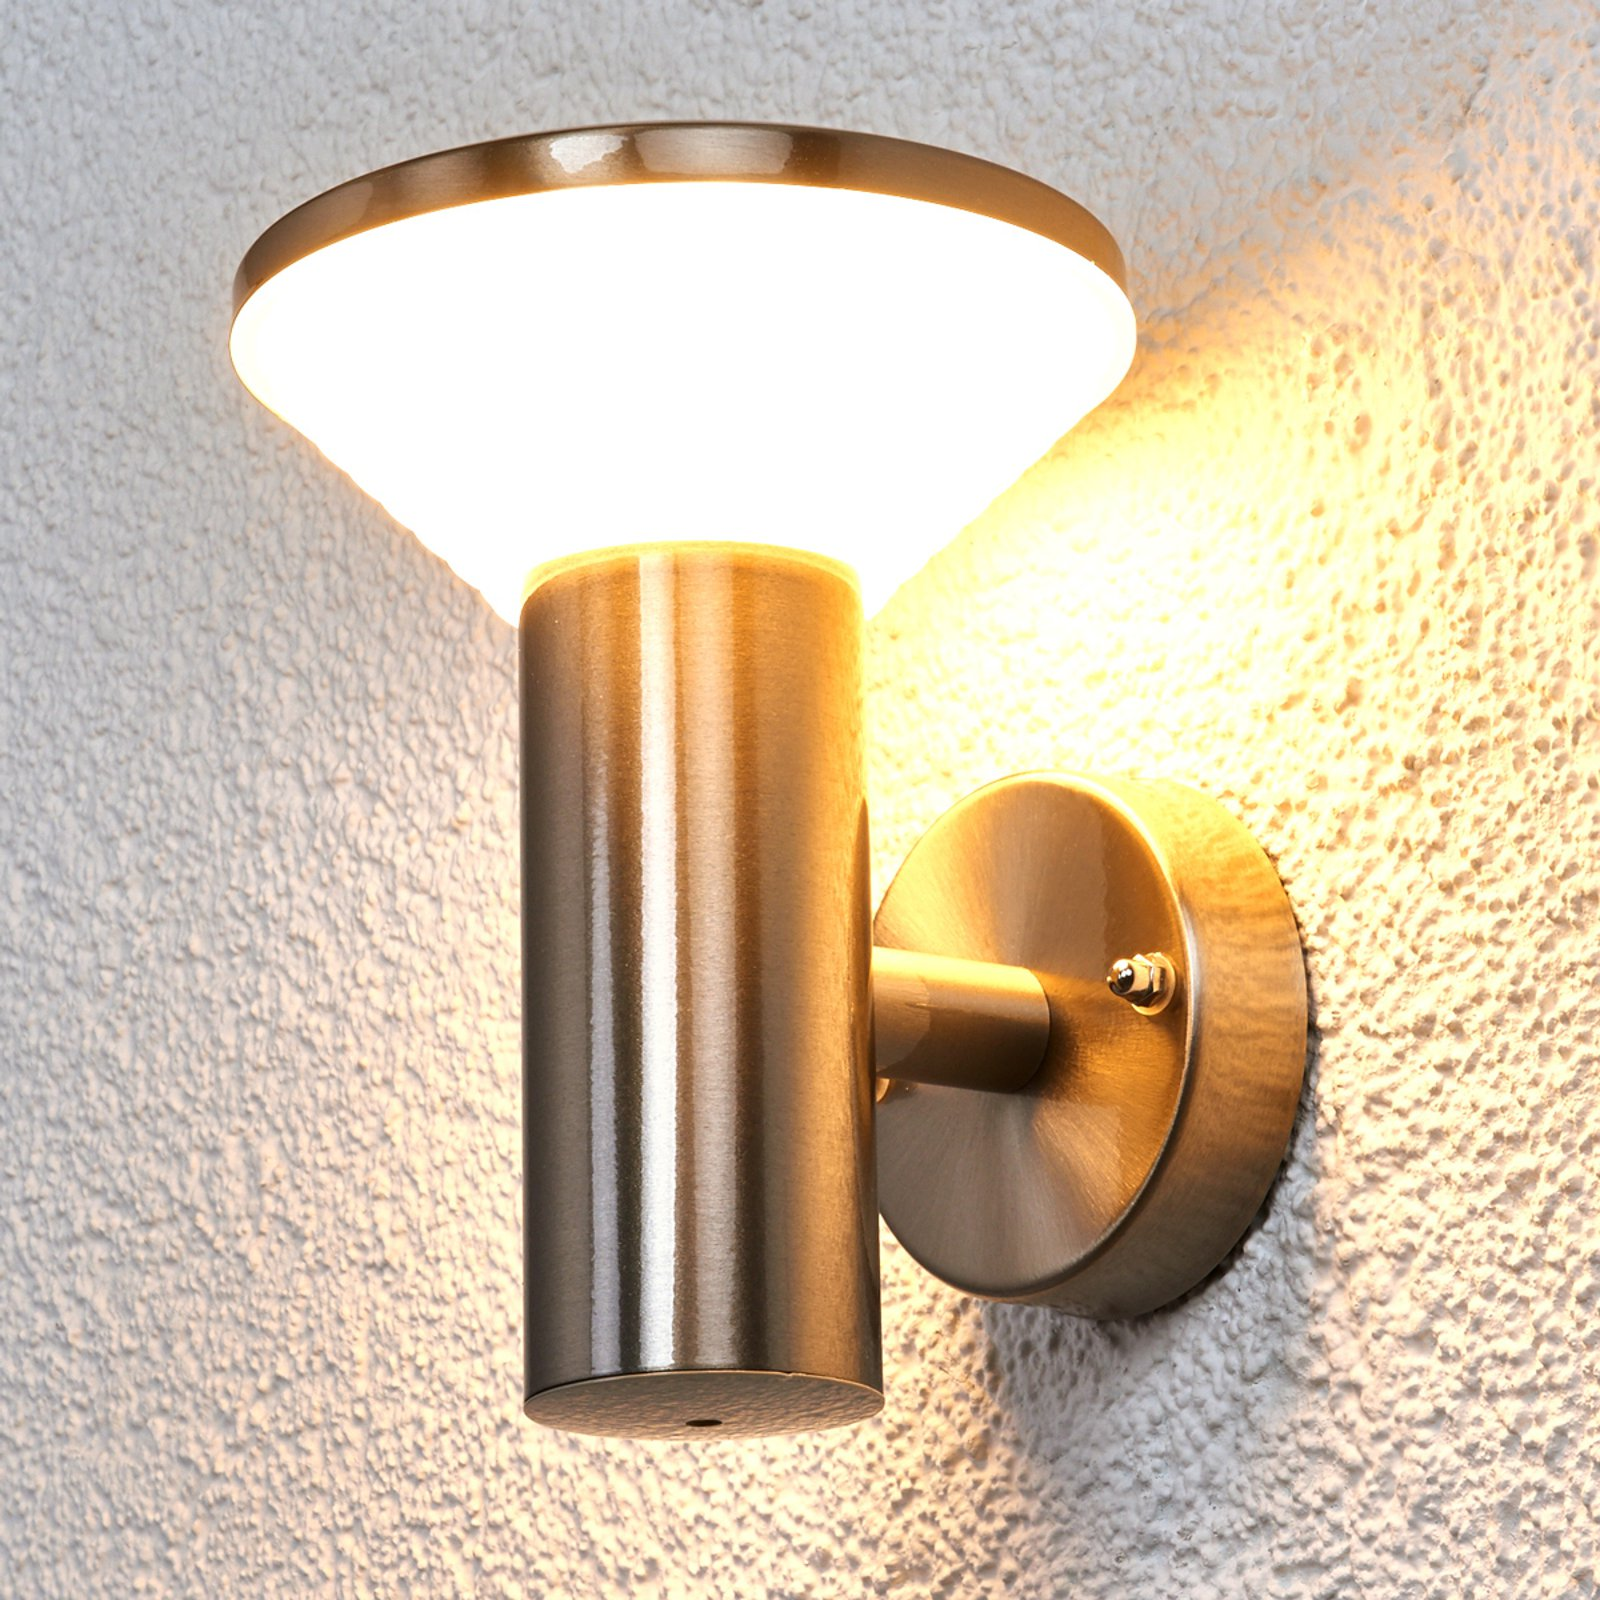 Edelstål-utevegglampe Tiga med LEDs